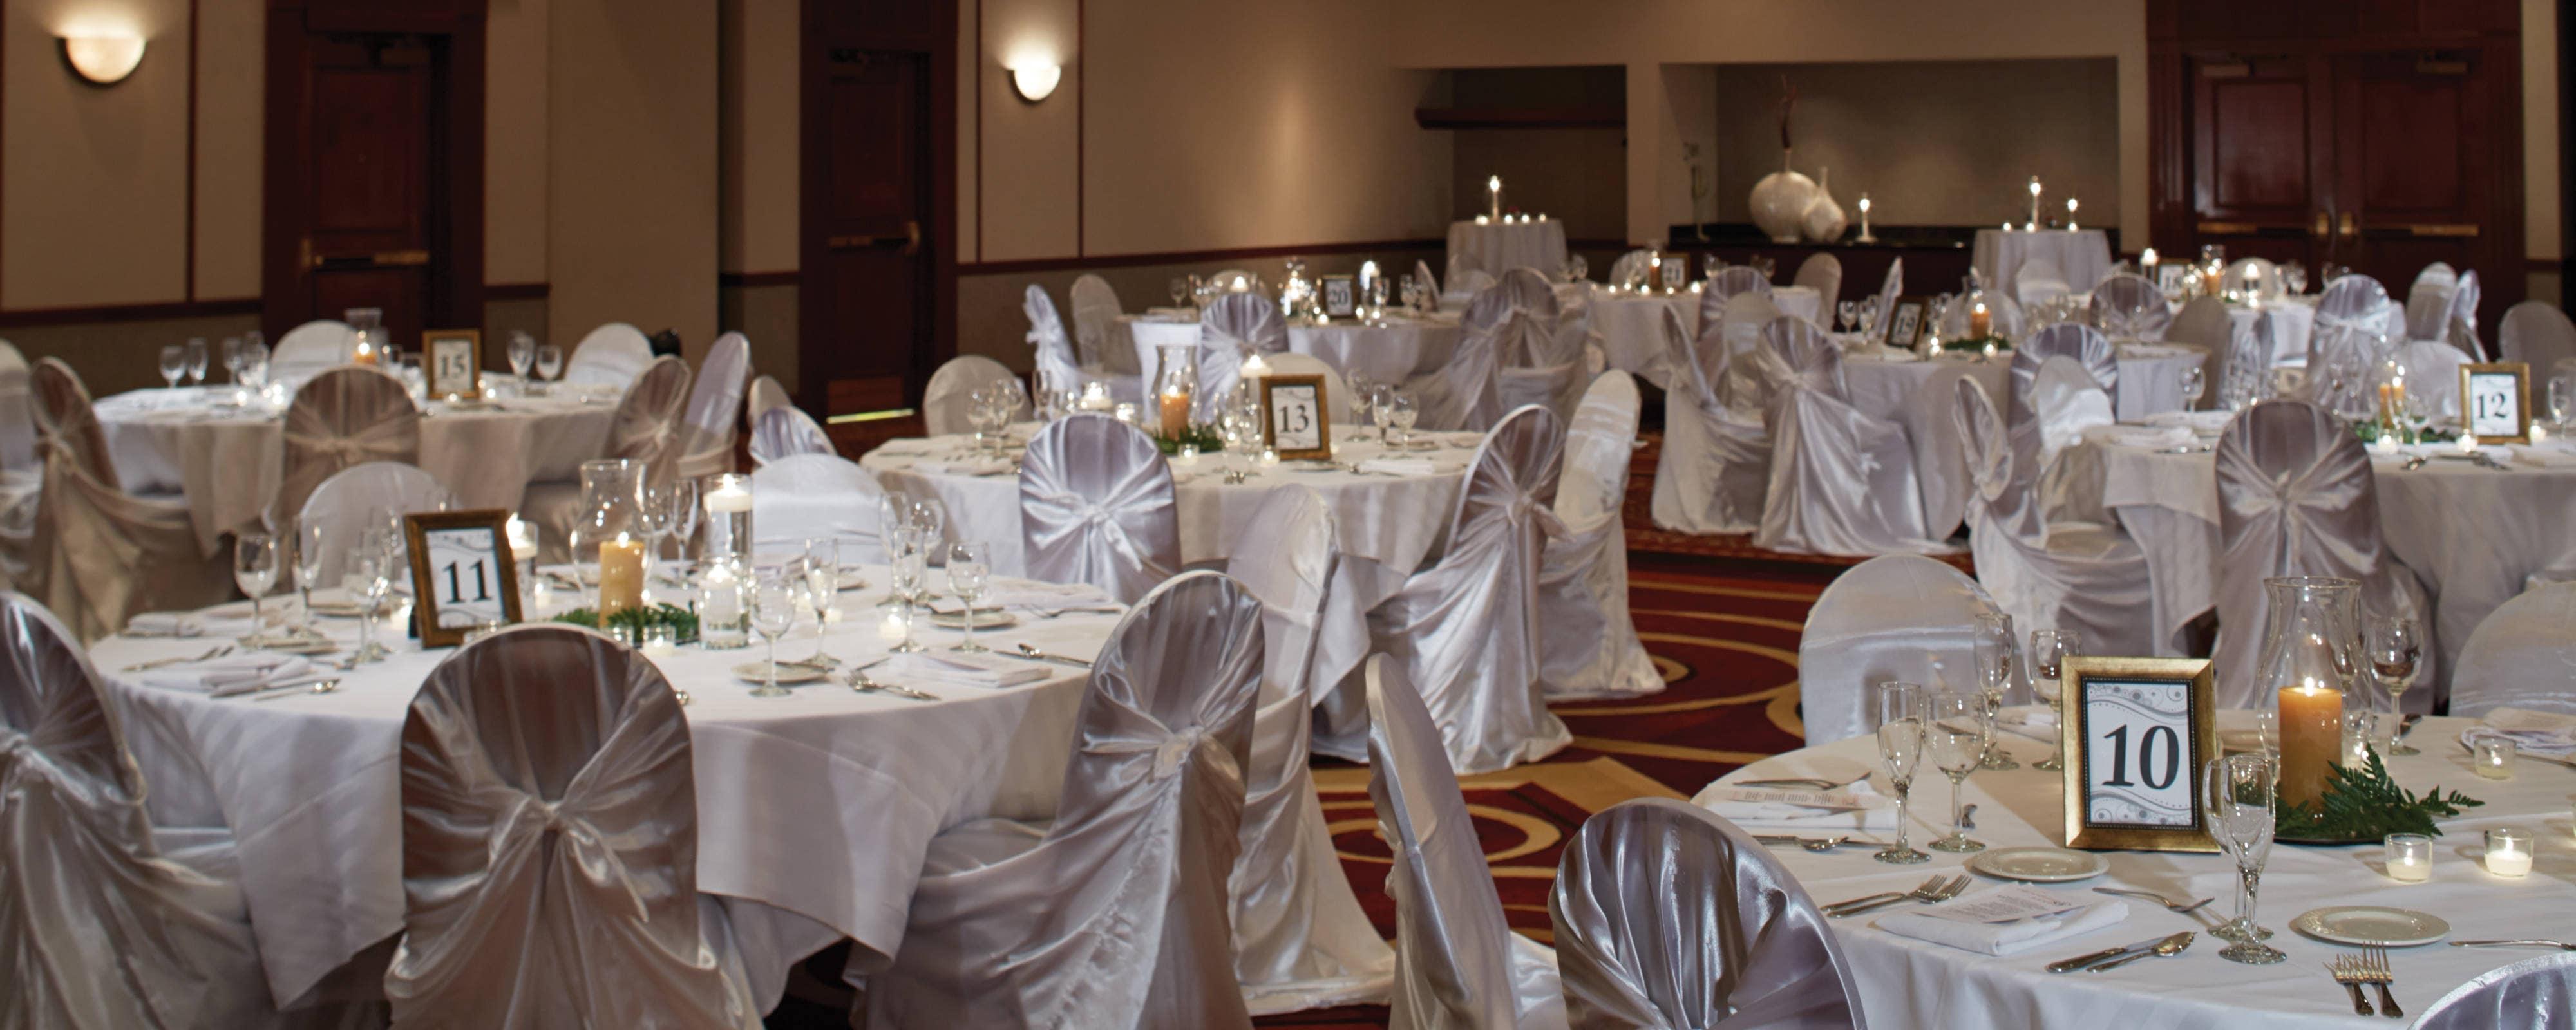 Wedding Venue In Hoffman Estates